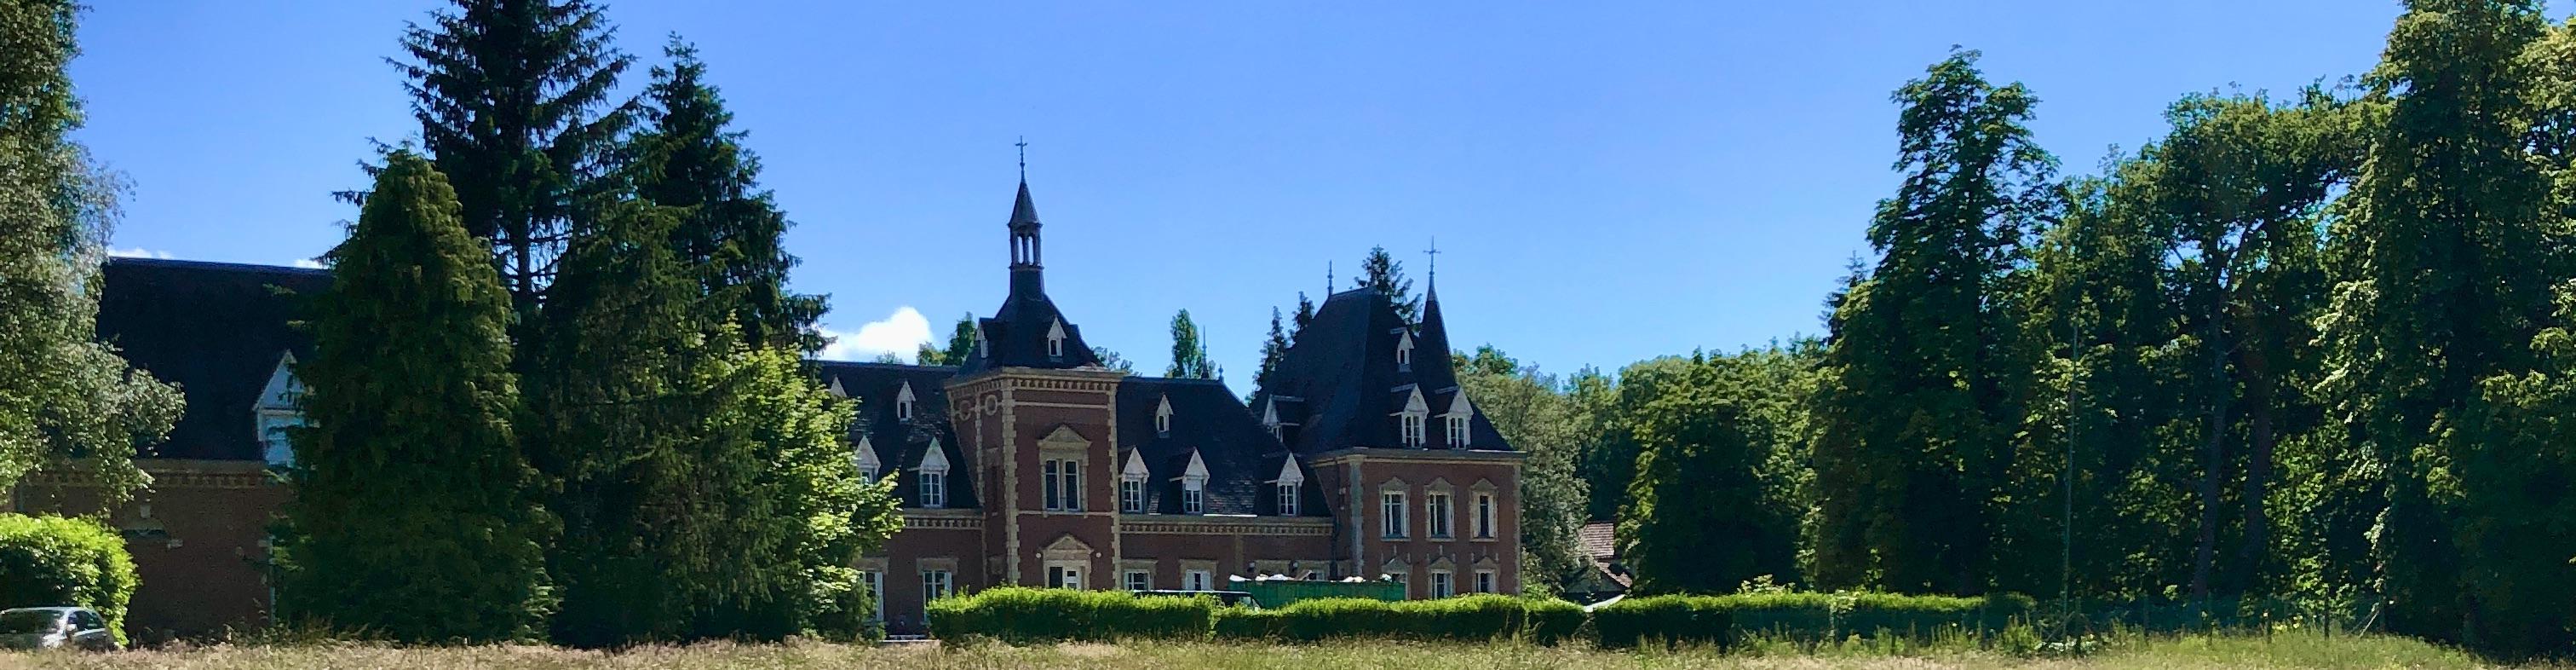 panorama façade avant château